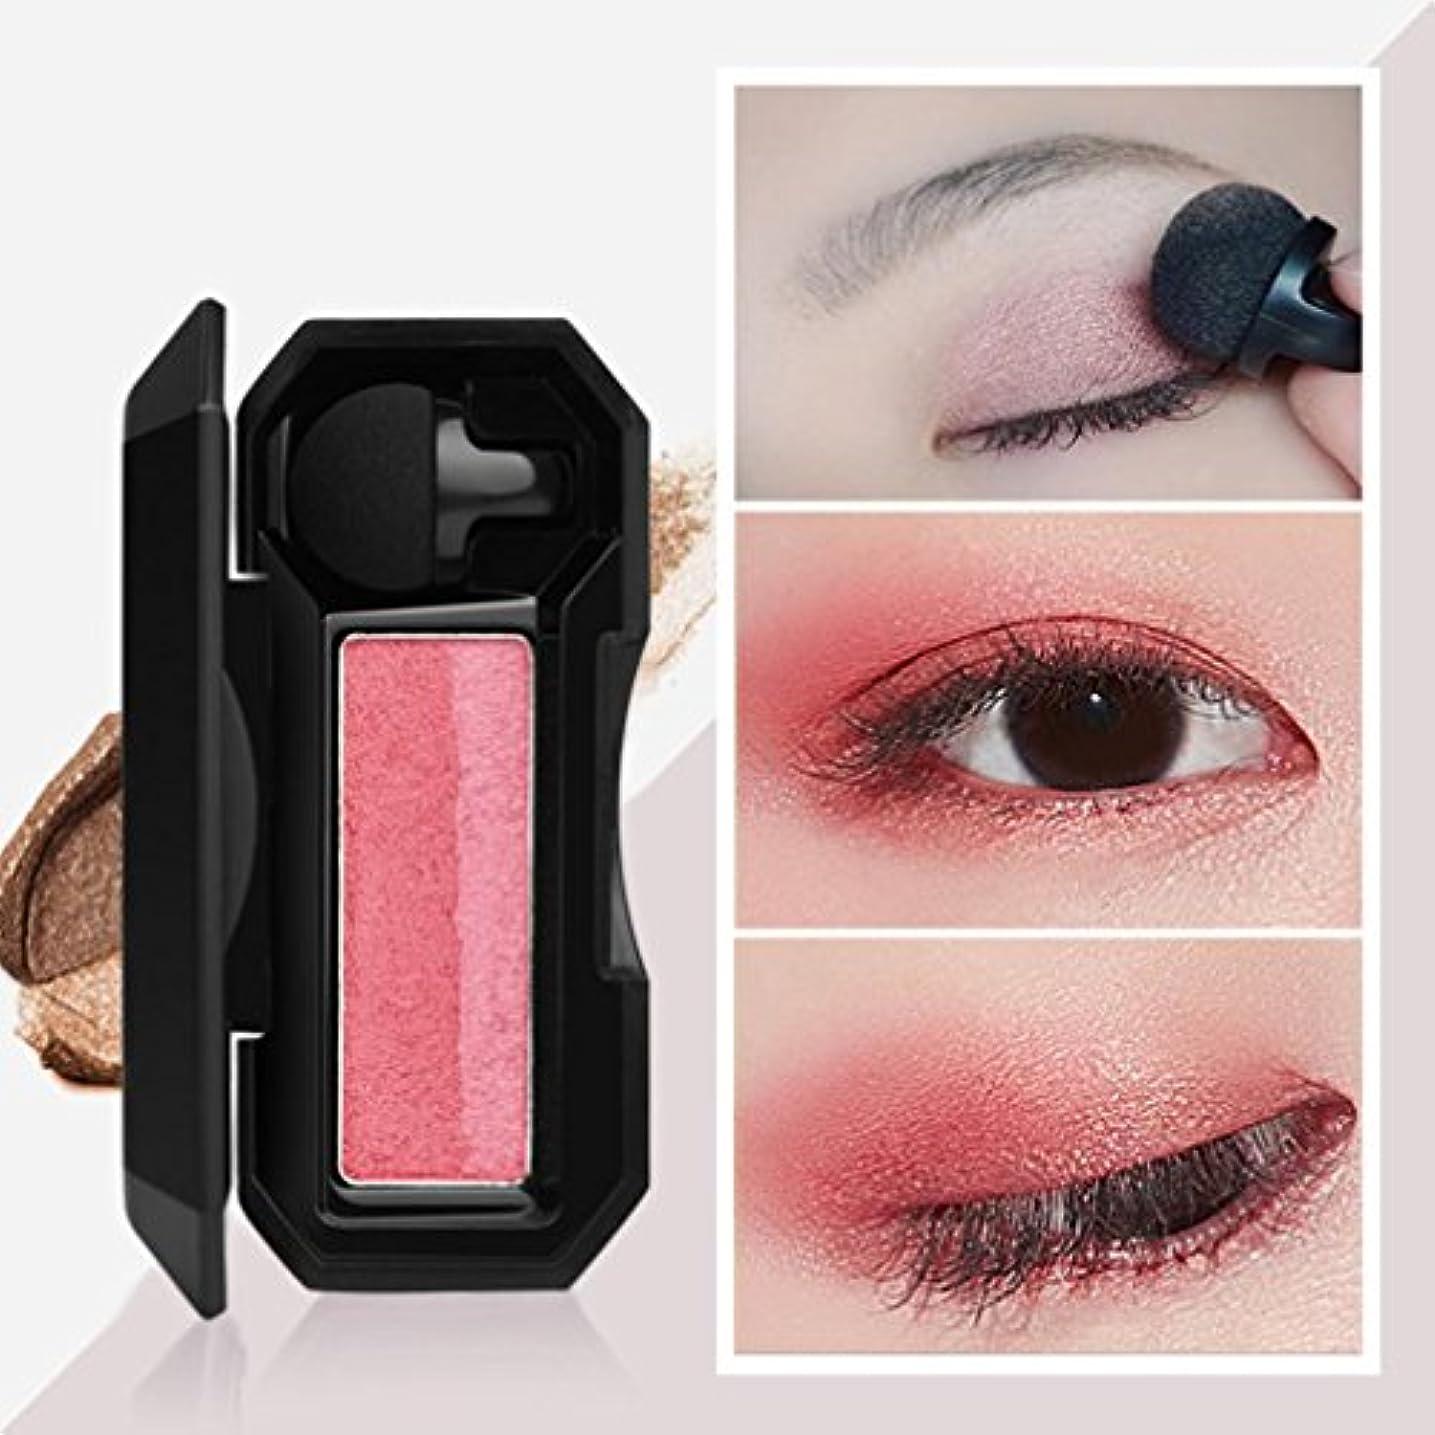 宅配便光のトライアスリートビューティー アイシャドー BOBOGOJP 女性 2色 可愛い デザイン ミニスタンプアイシャドーパレット 携帯便利 極め細かい 化粧パウダー 持続性 スモーキーメイク (21A)